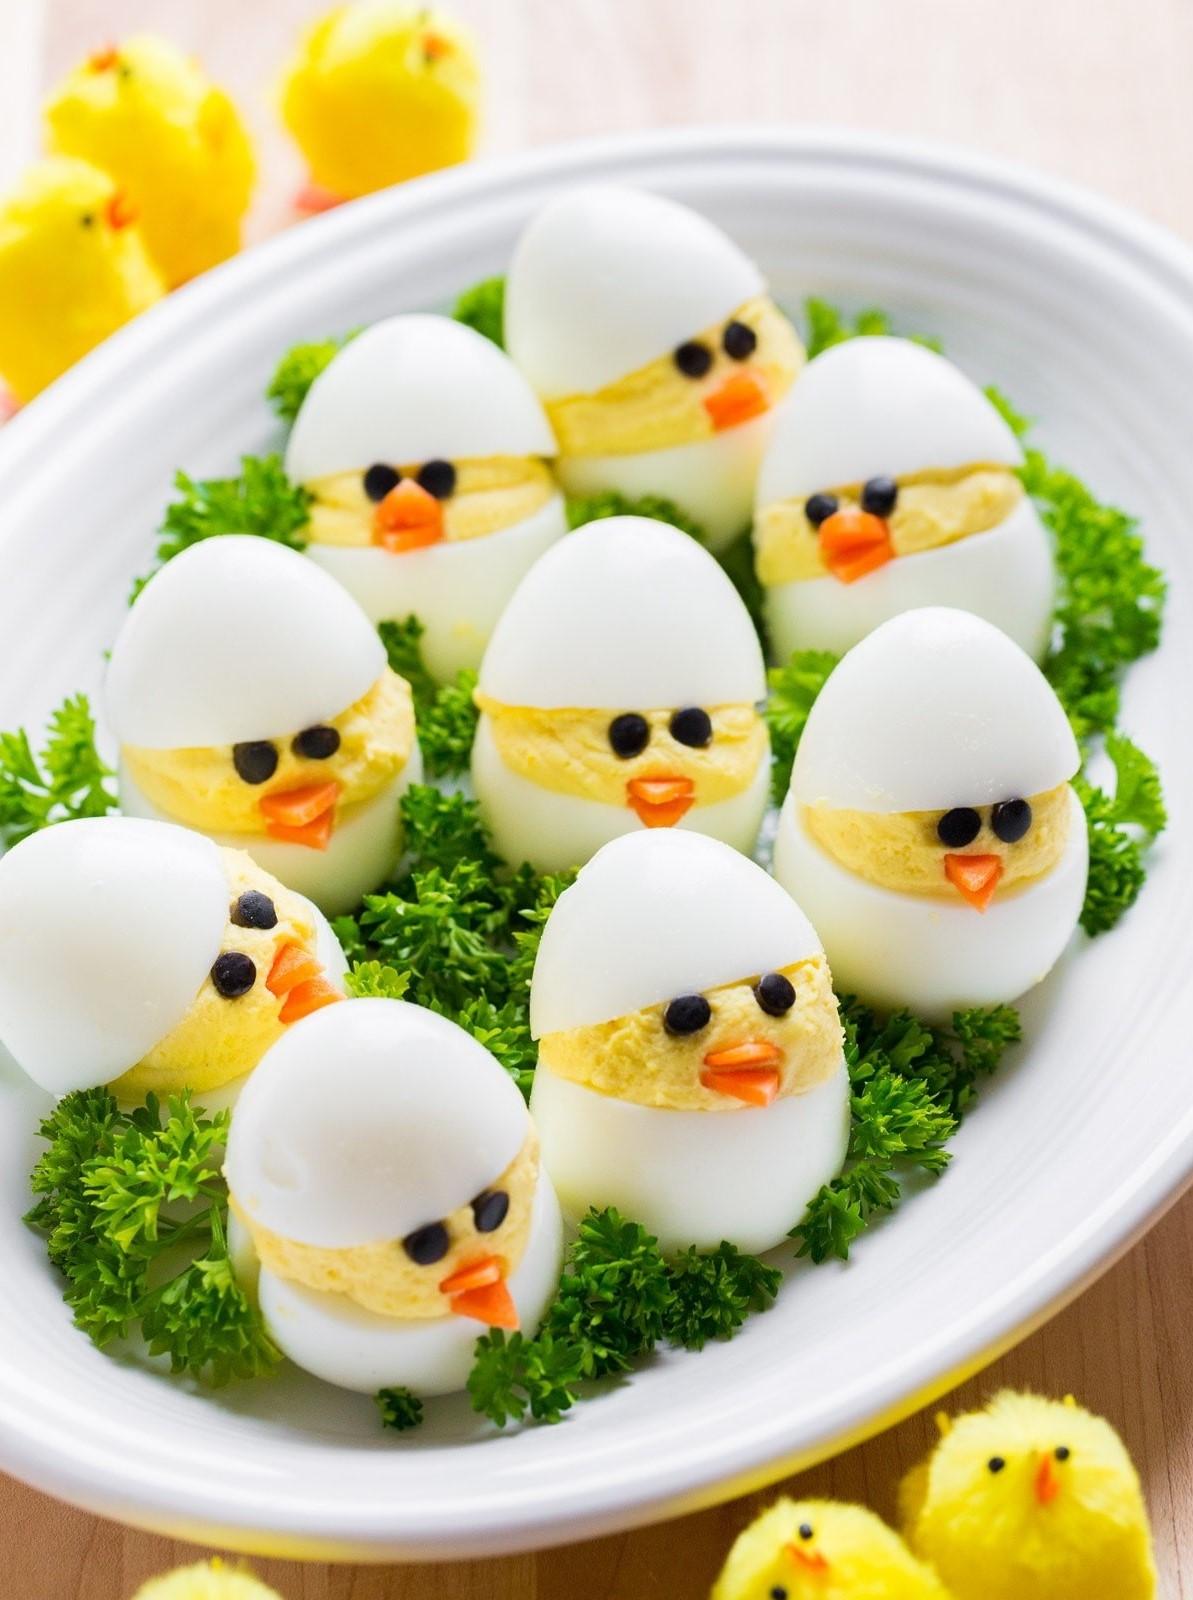 Recettes de Pâques: délicieux apéritif aux œufs.